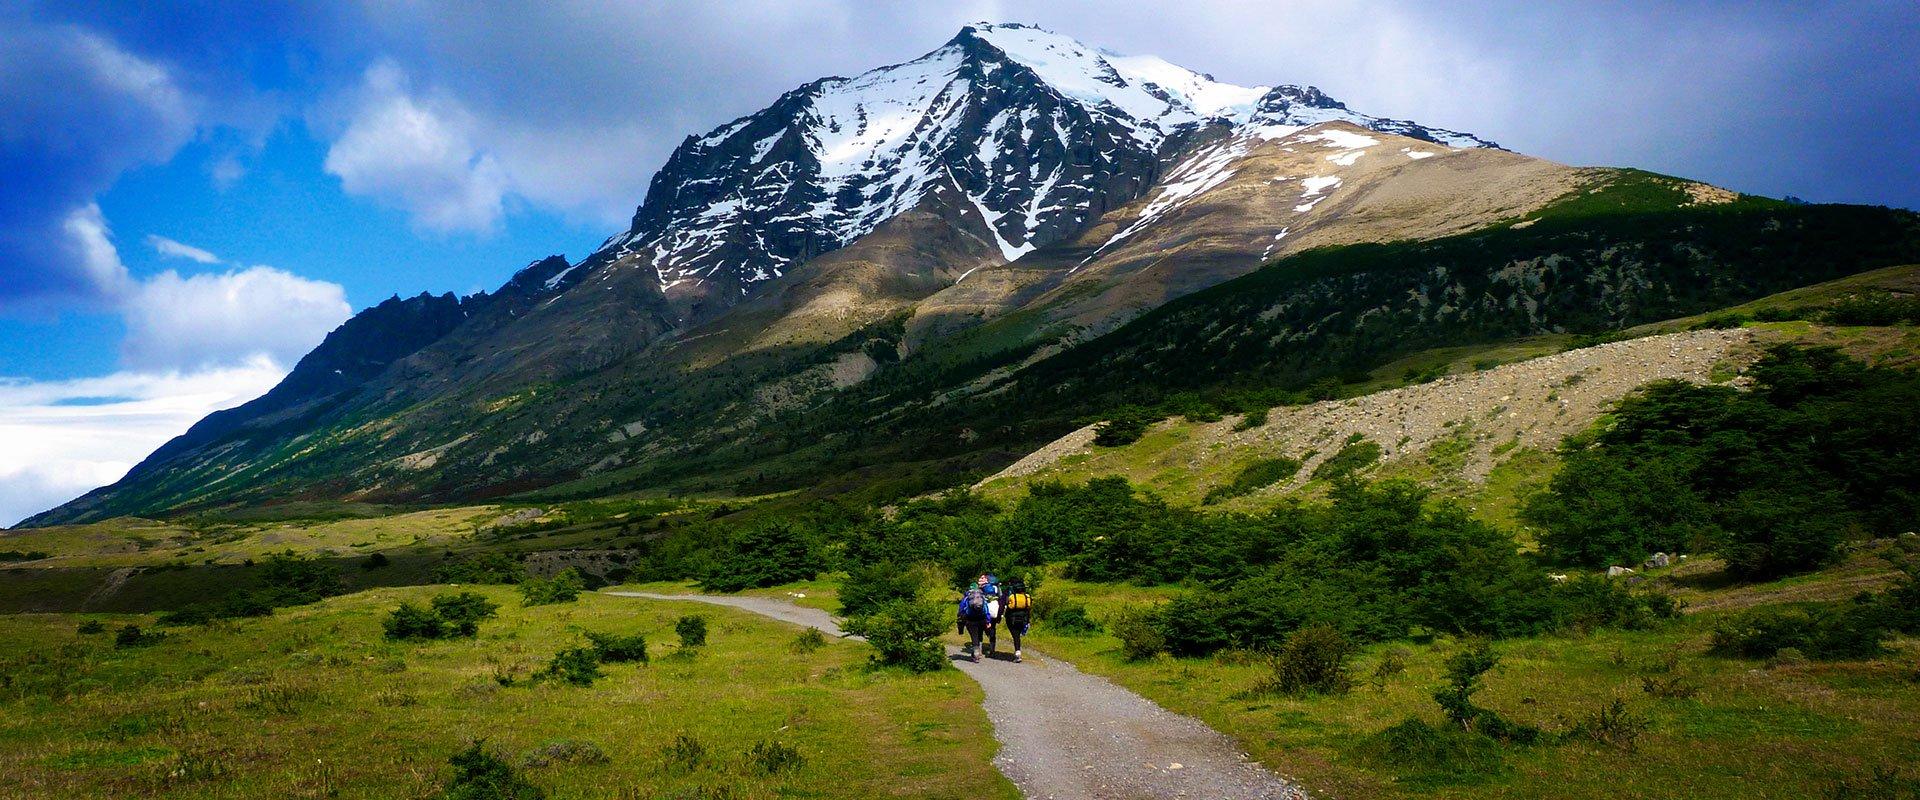 Chili montagne torres del paine trekking randonnée